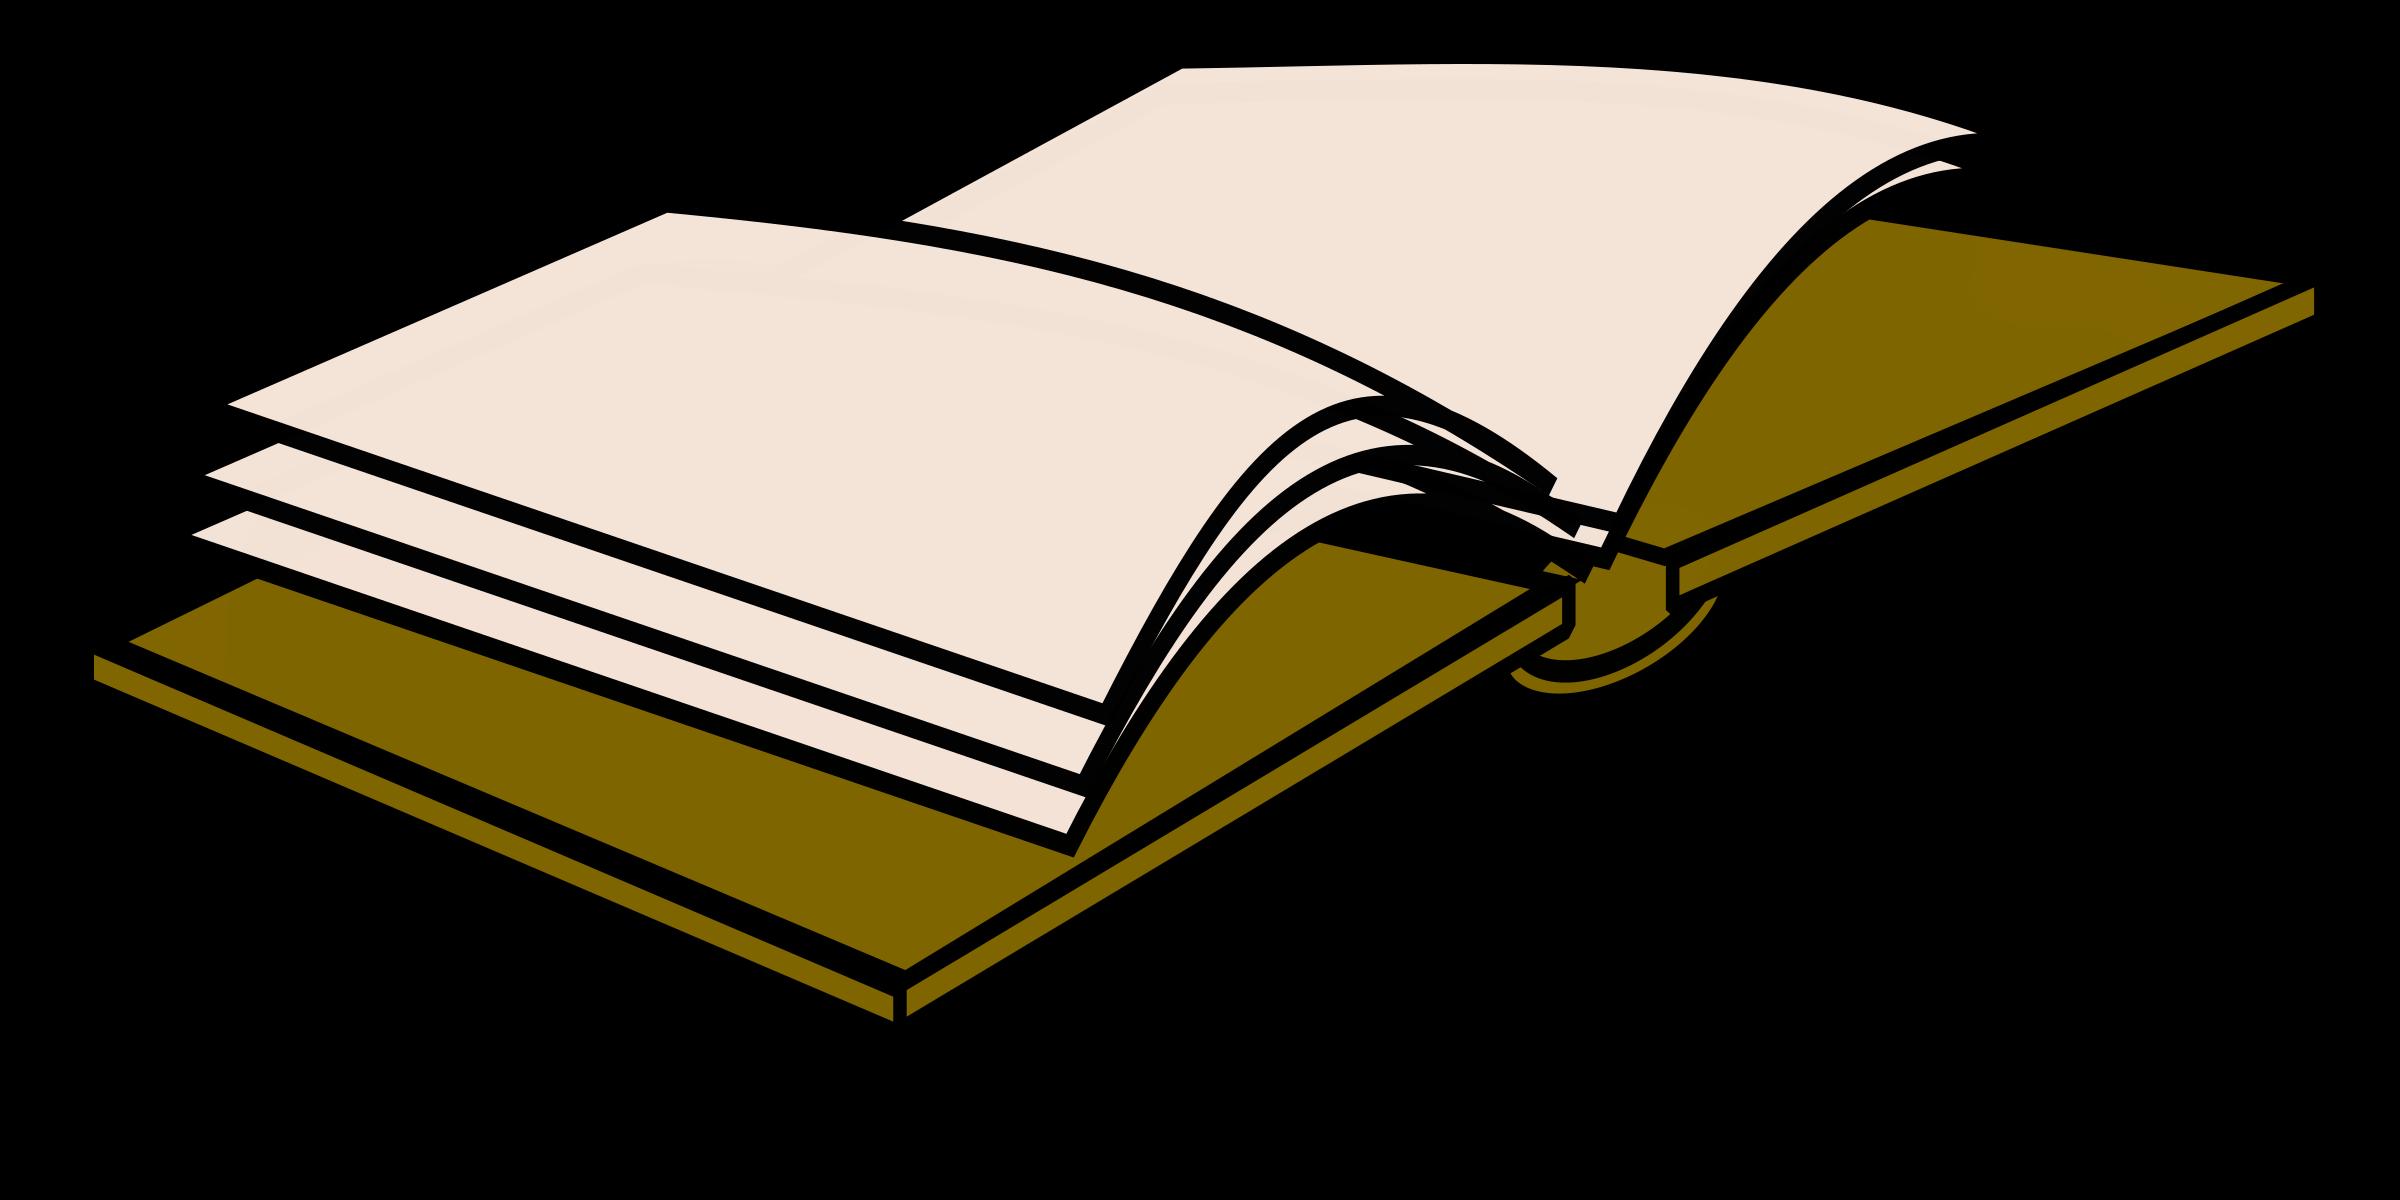 Book icon clipart svg Clipart - book icon svg